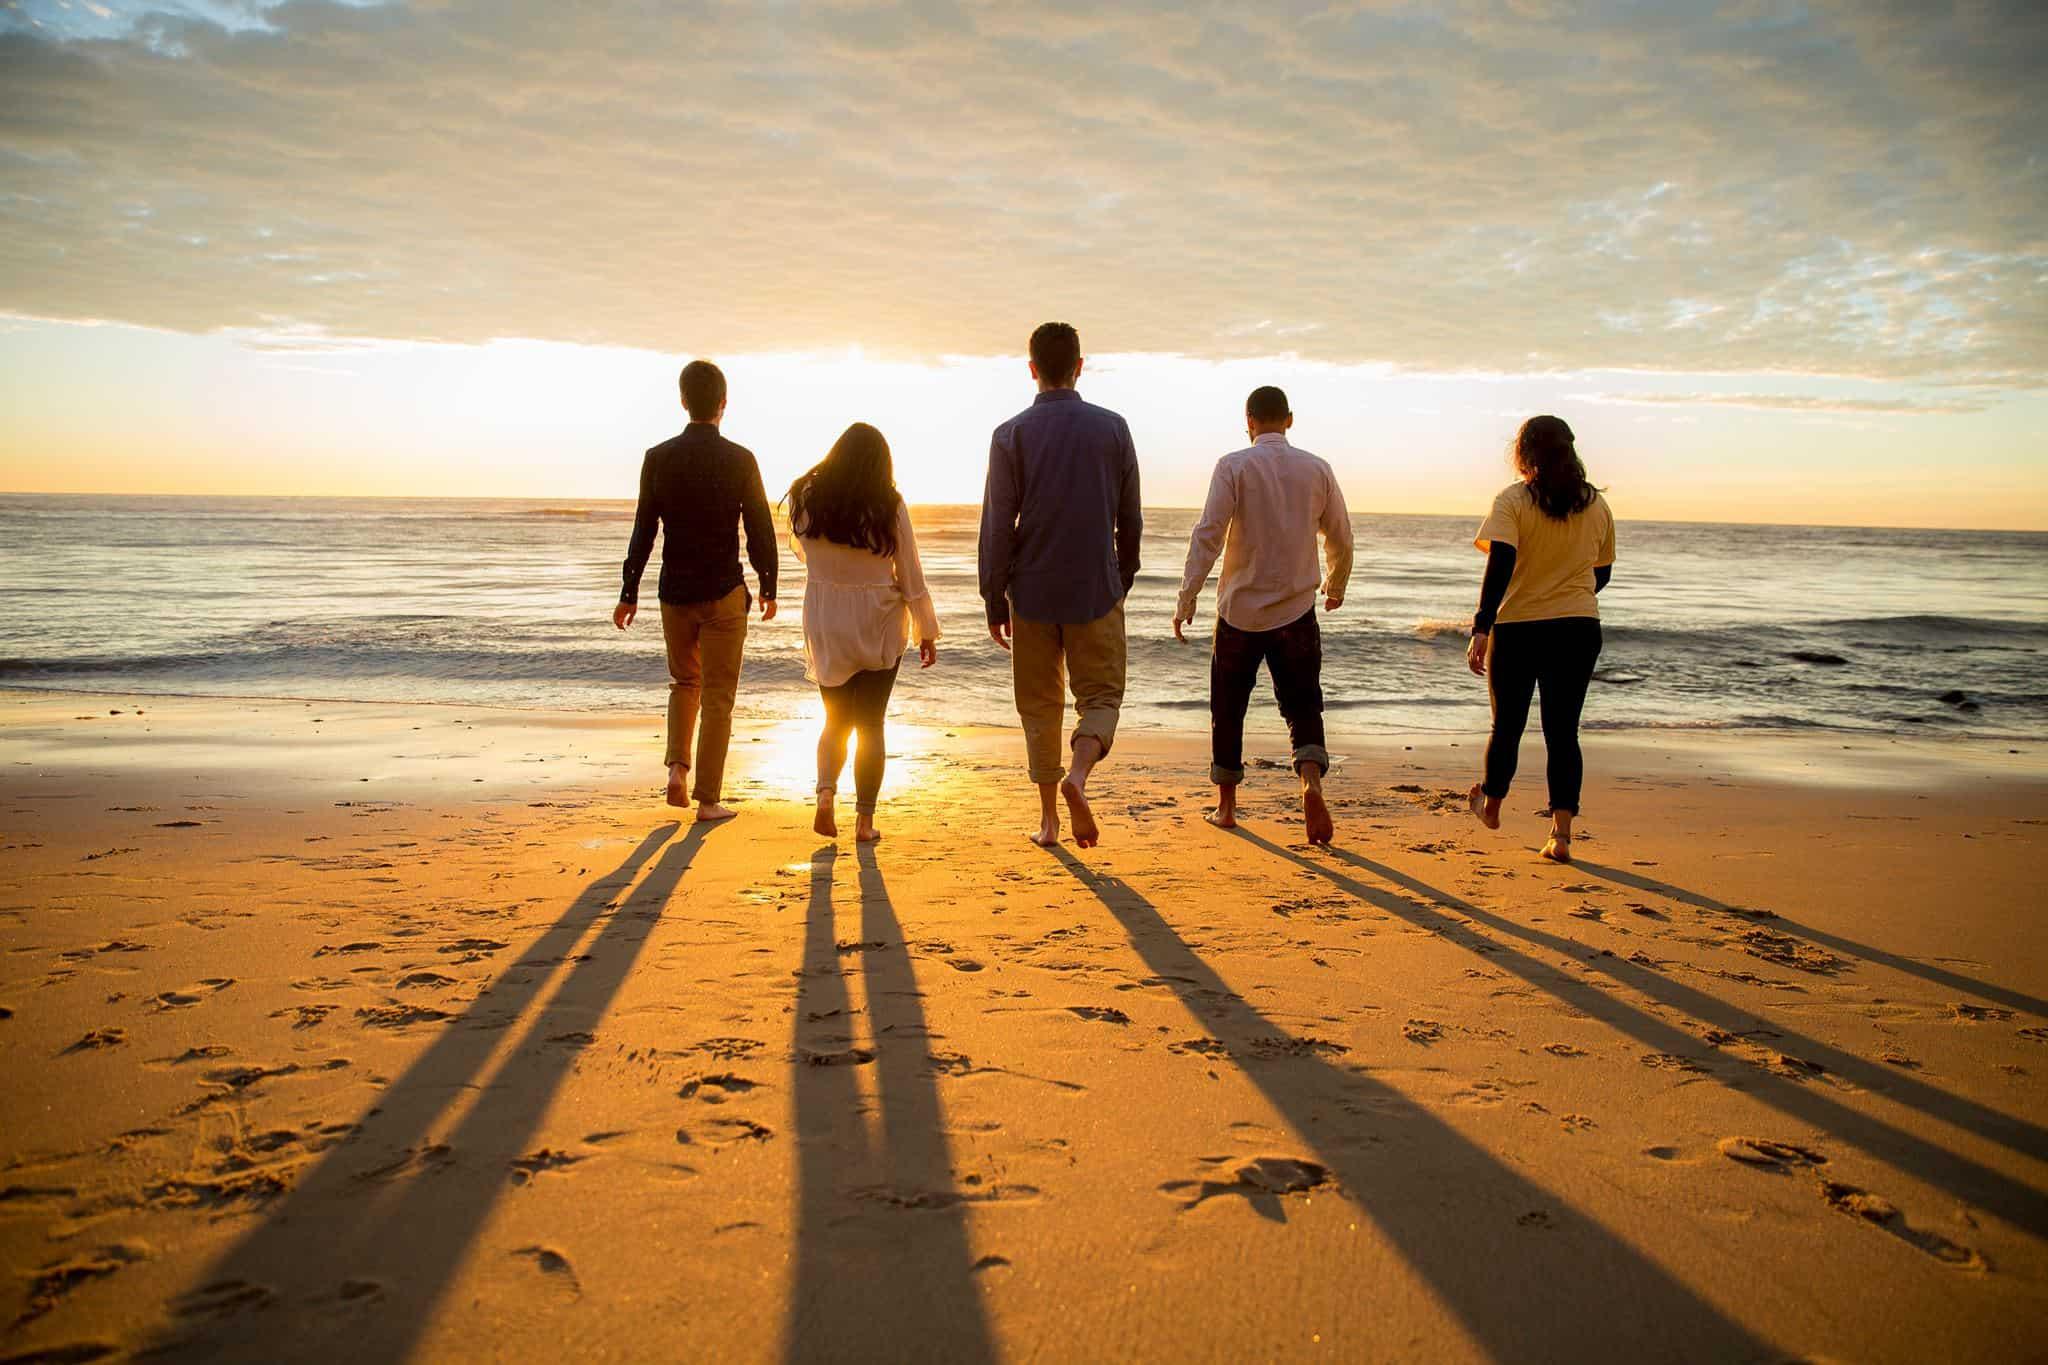 pointloma nazarene beach